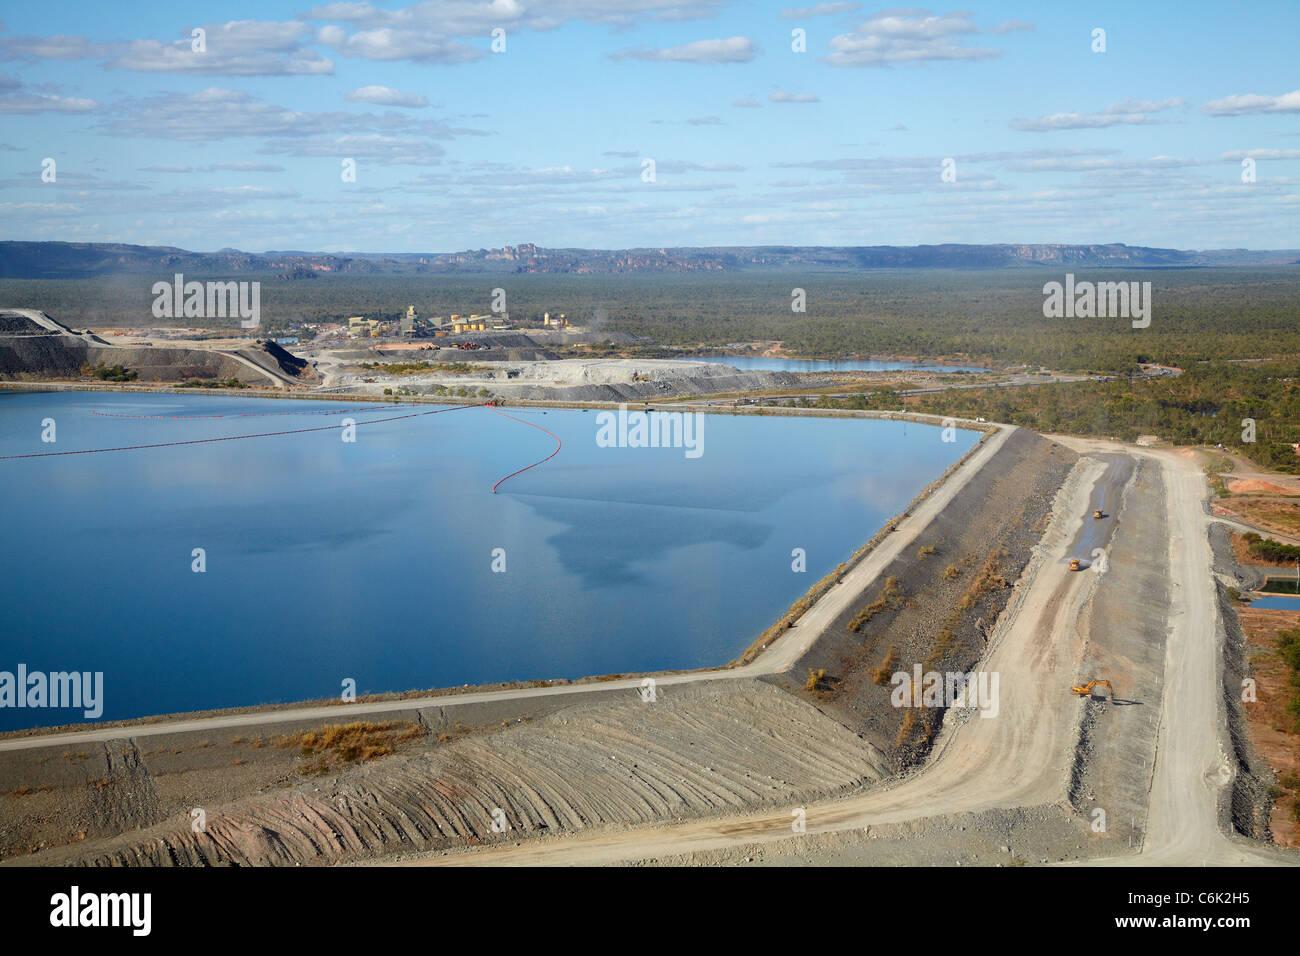 Tailings dam, Ranger Uranium Mine, Kakadu National Park, Northern Territory, Australia - aerial - Stock Image